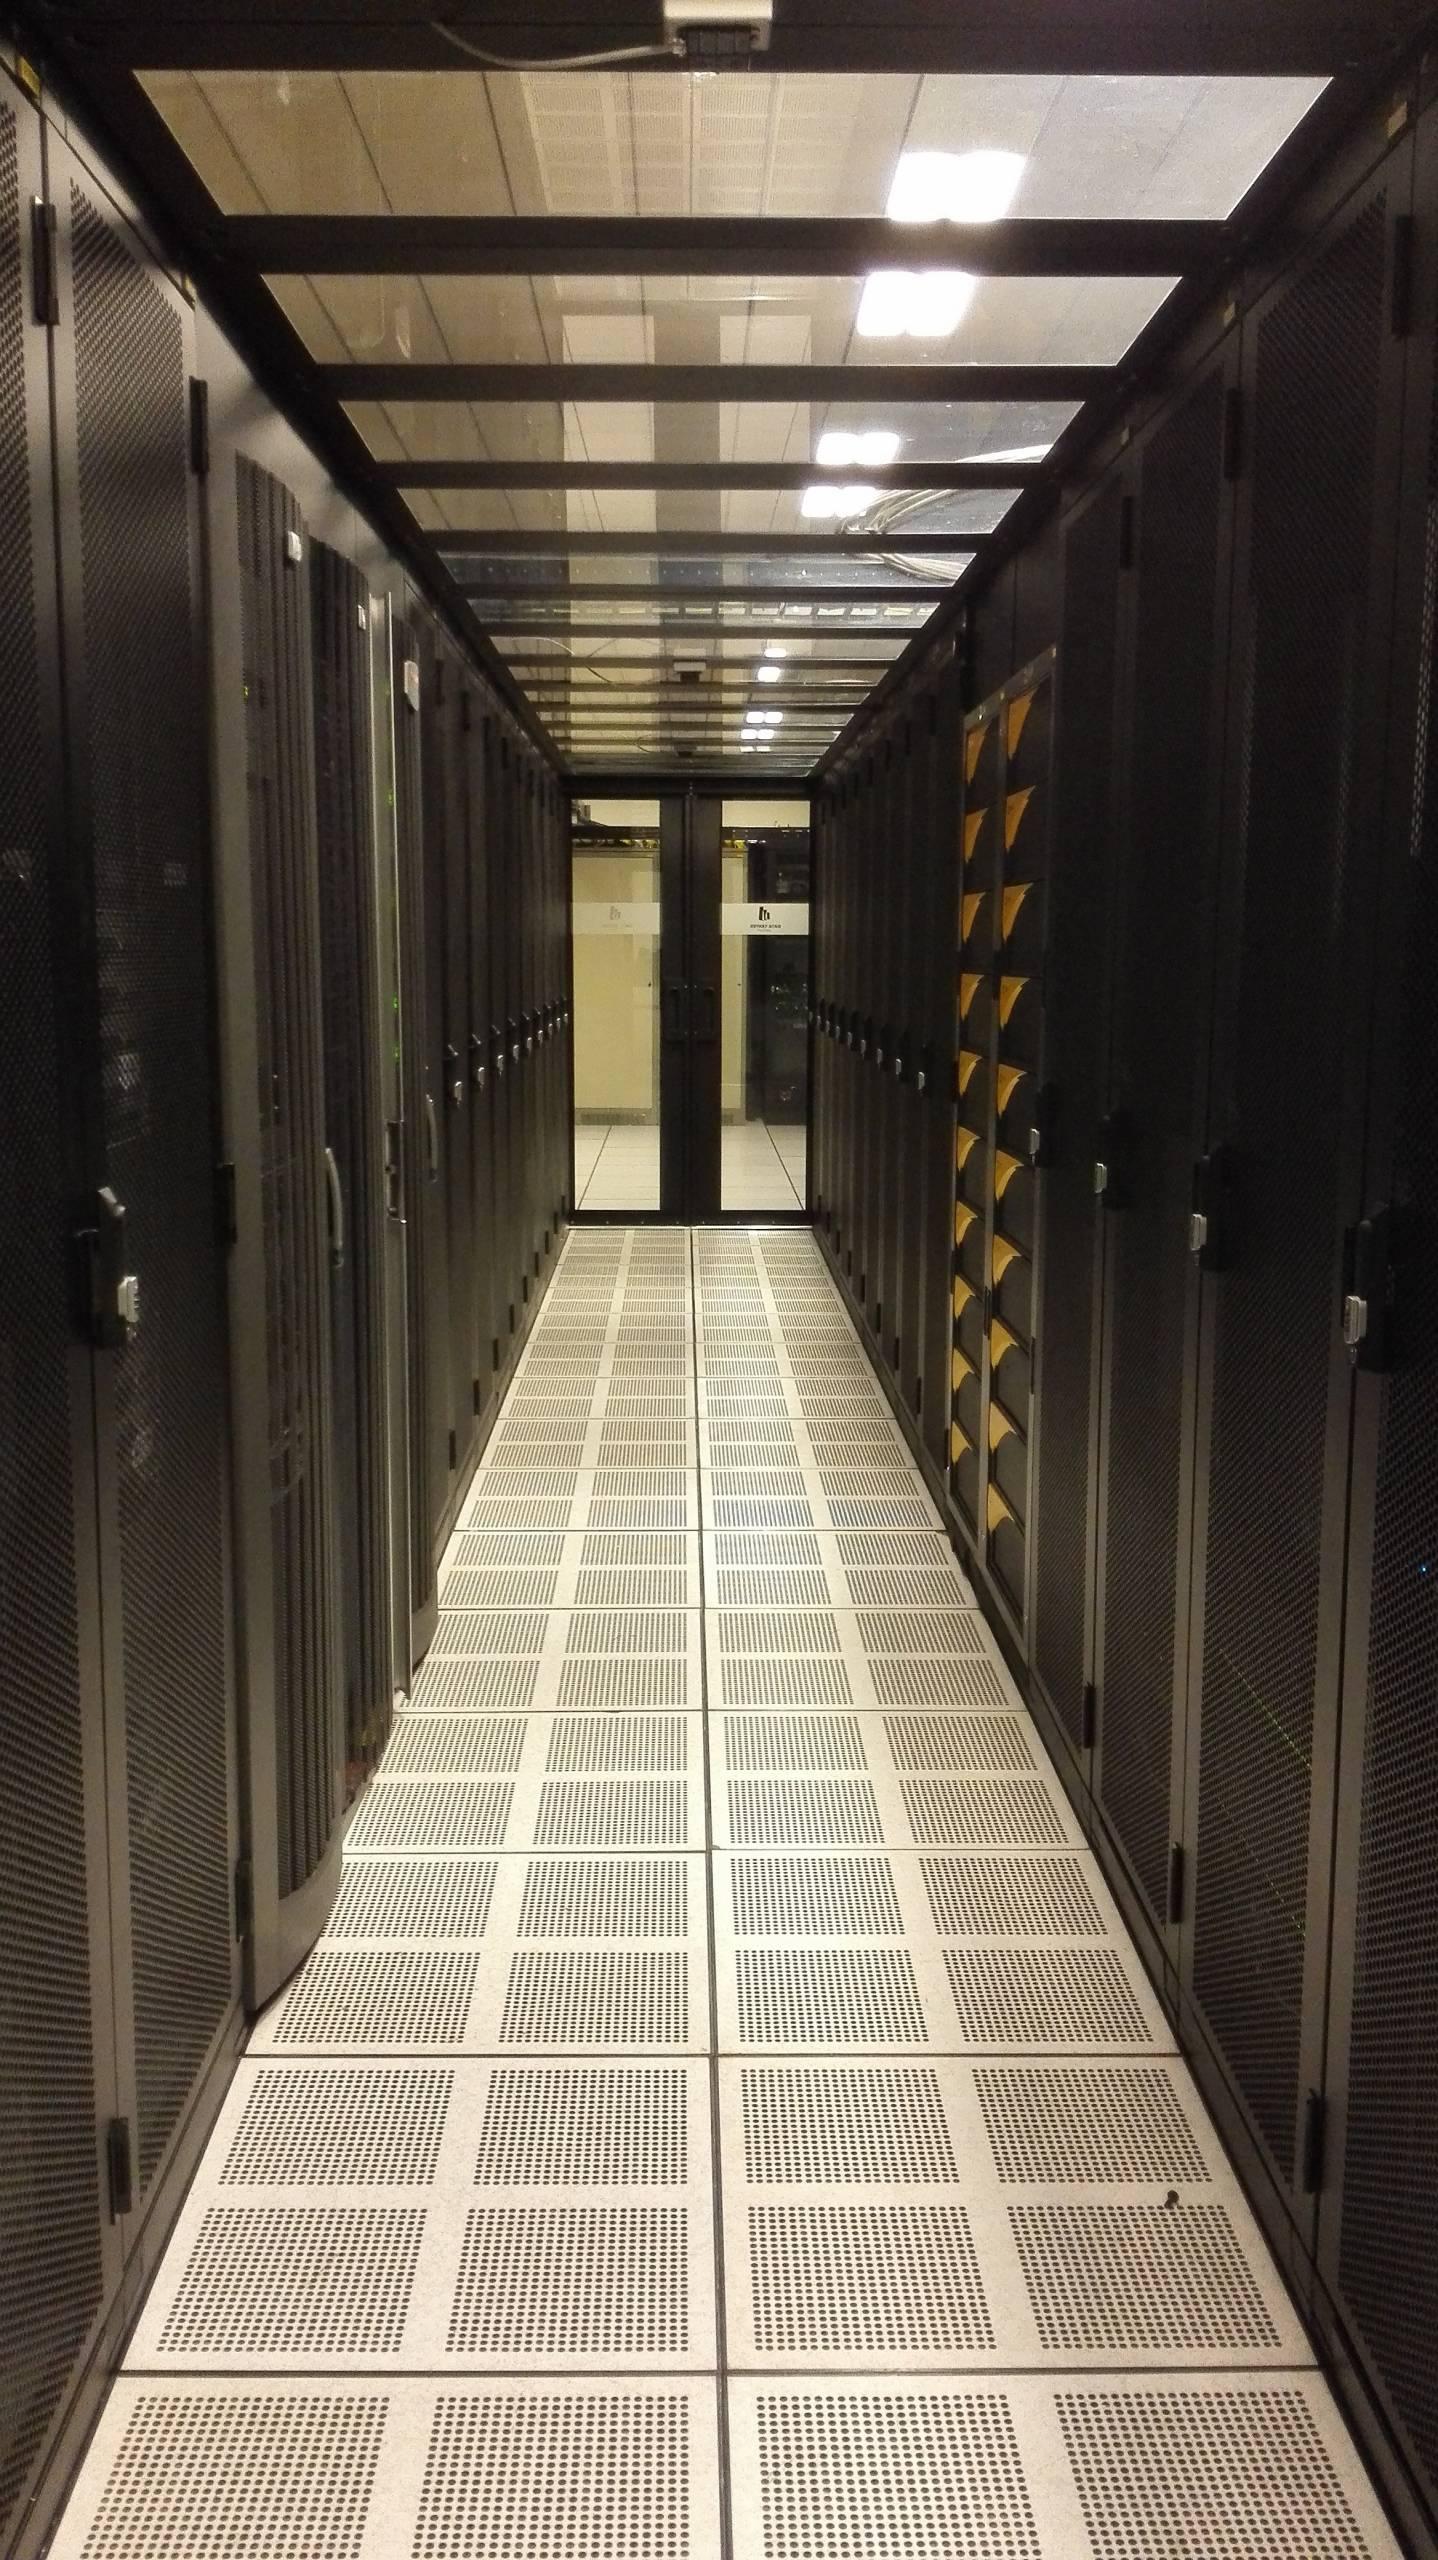 centro de datos servidores